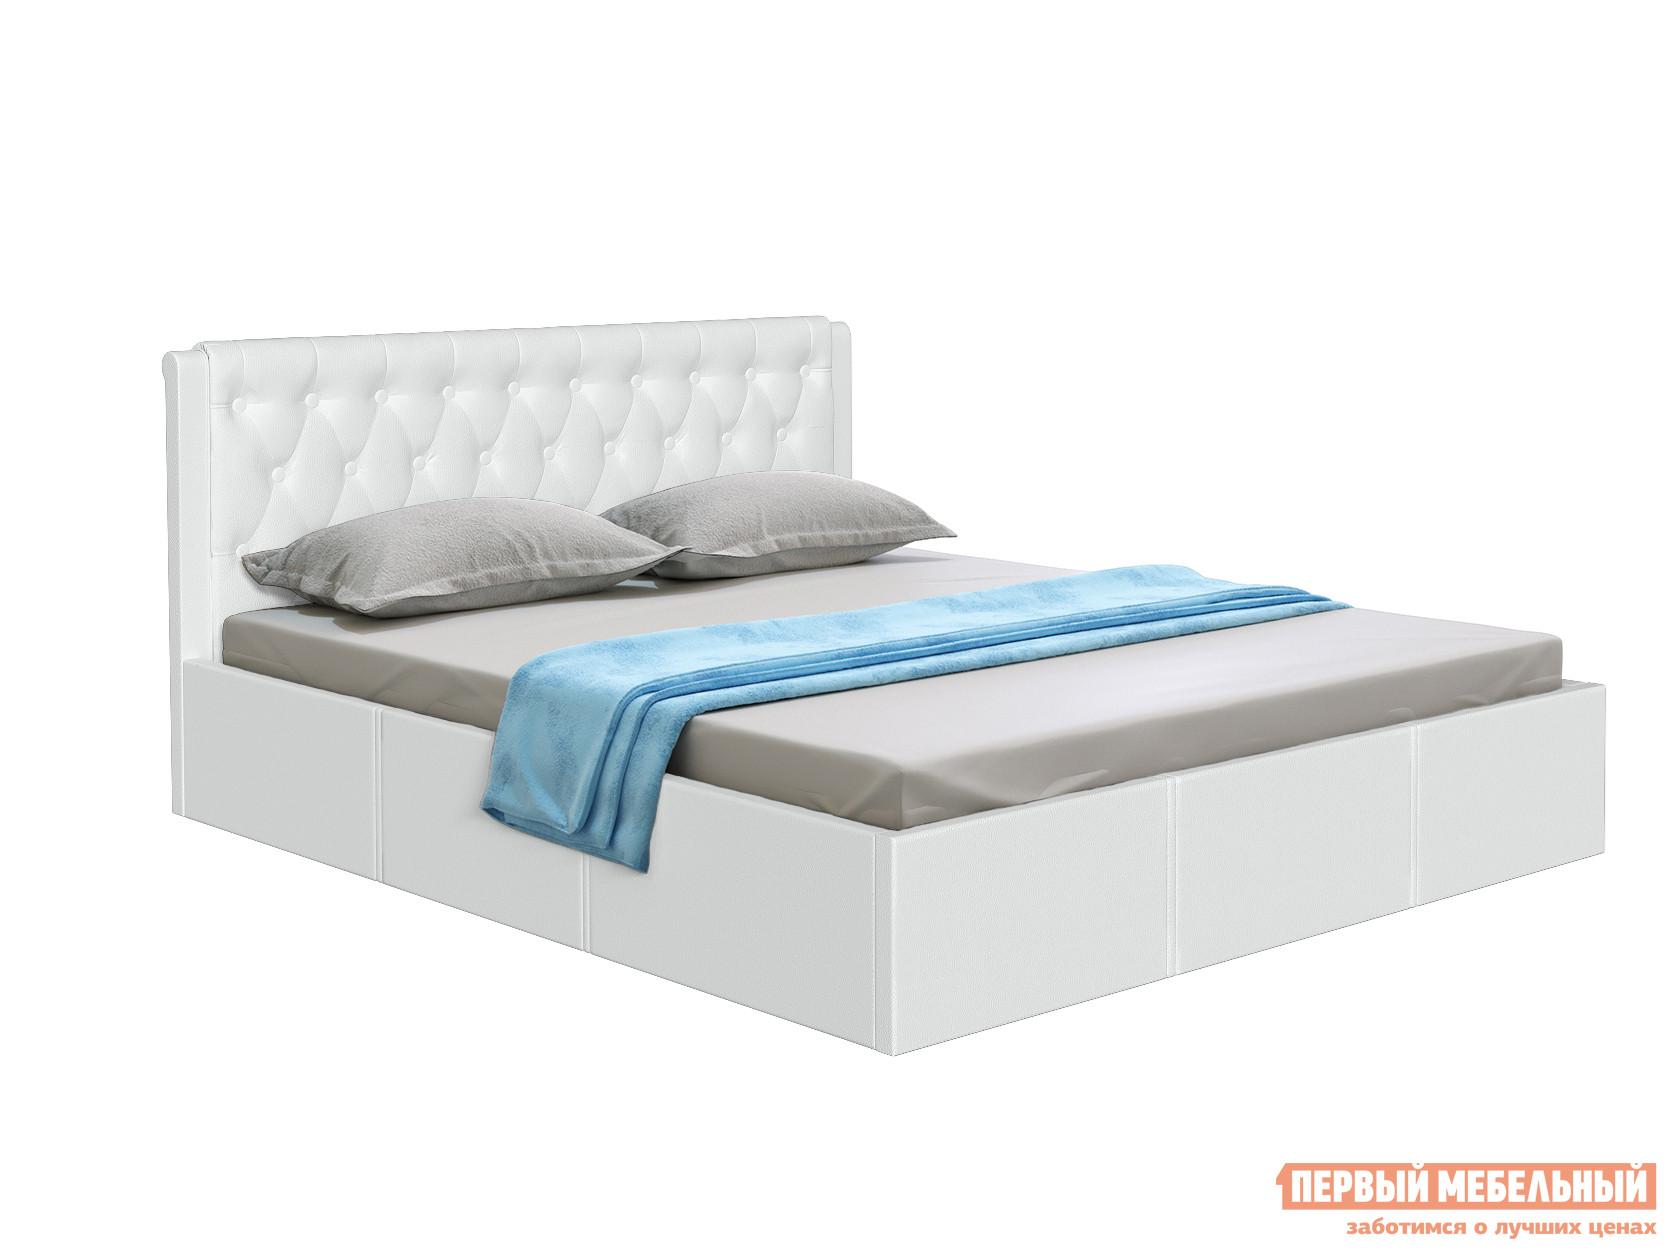 Двуспальная кровать  Кровать с подъемным механизмом Моника Белый, экокожа, 1800 Х 2000 мм